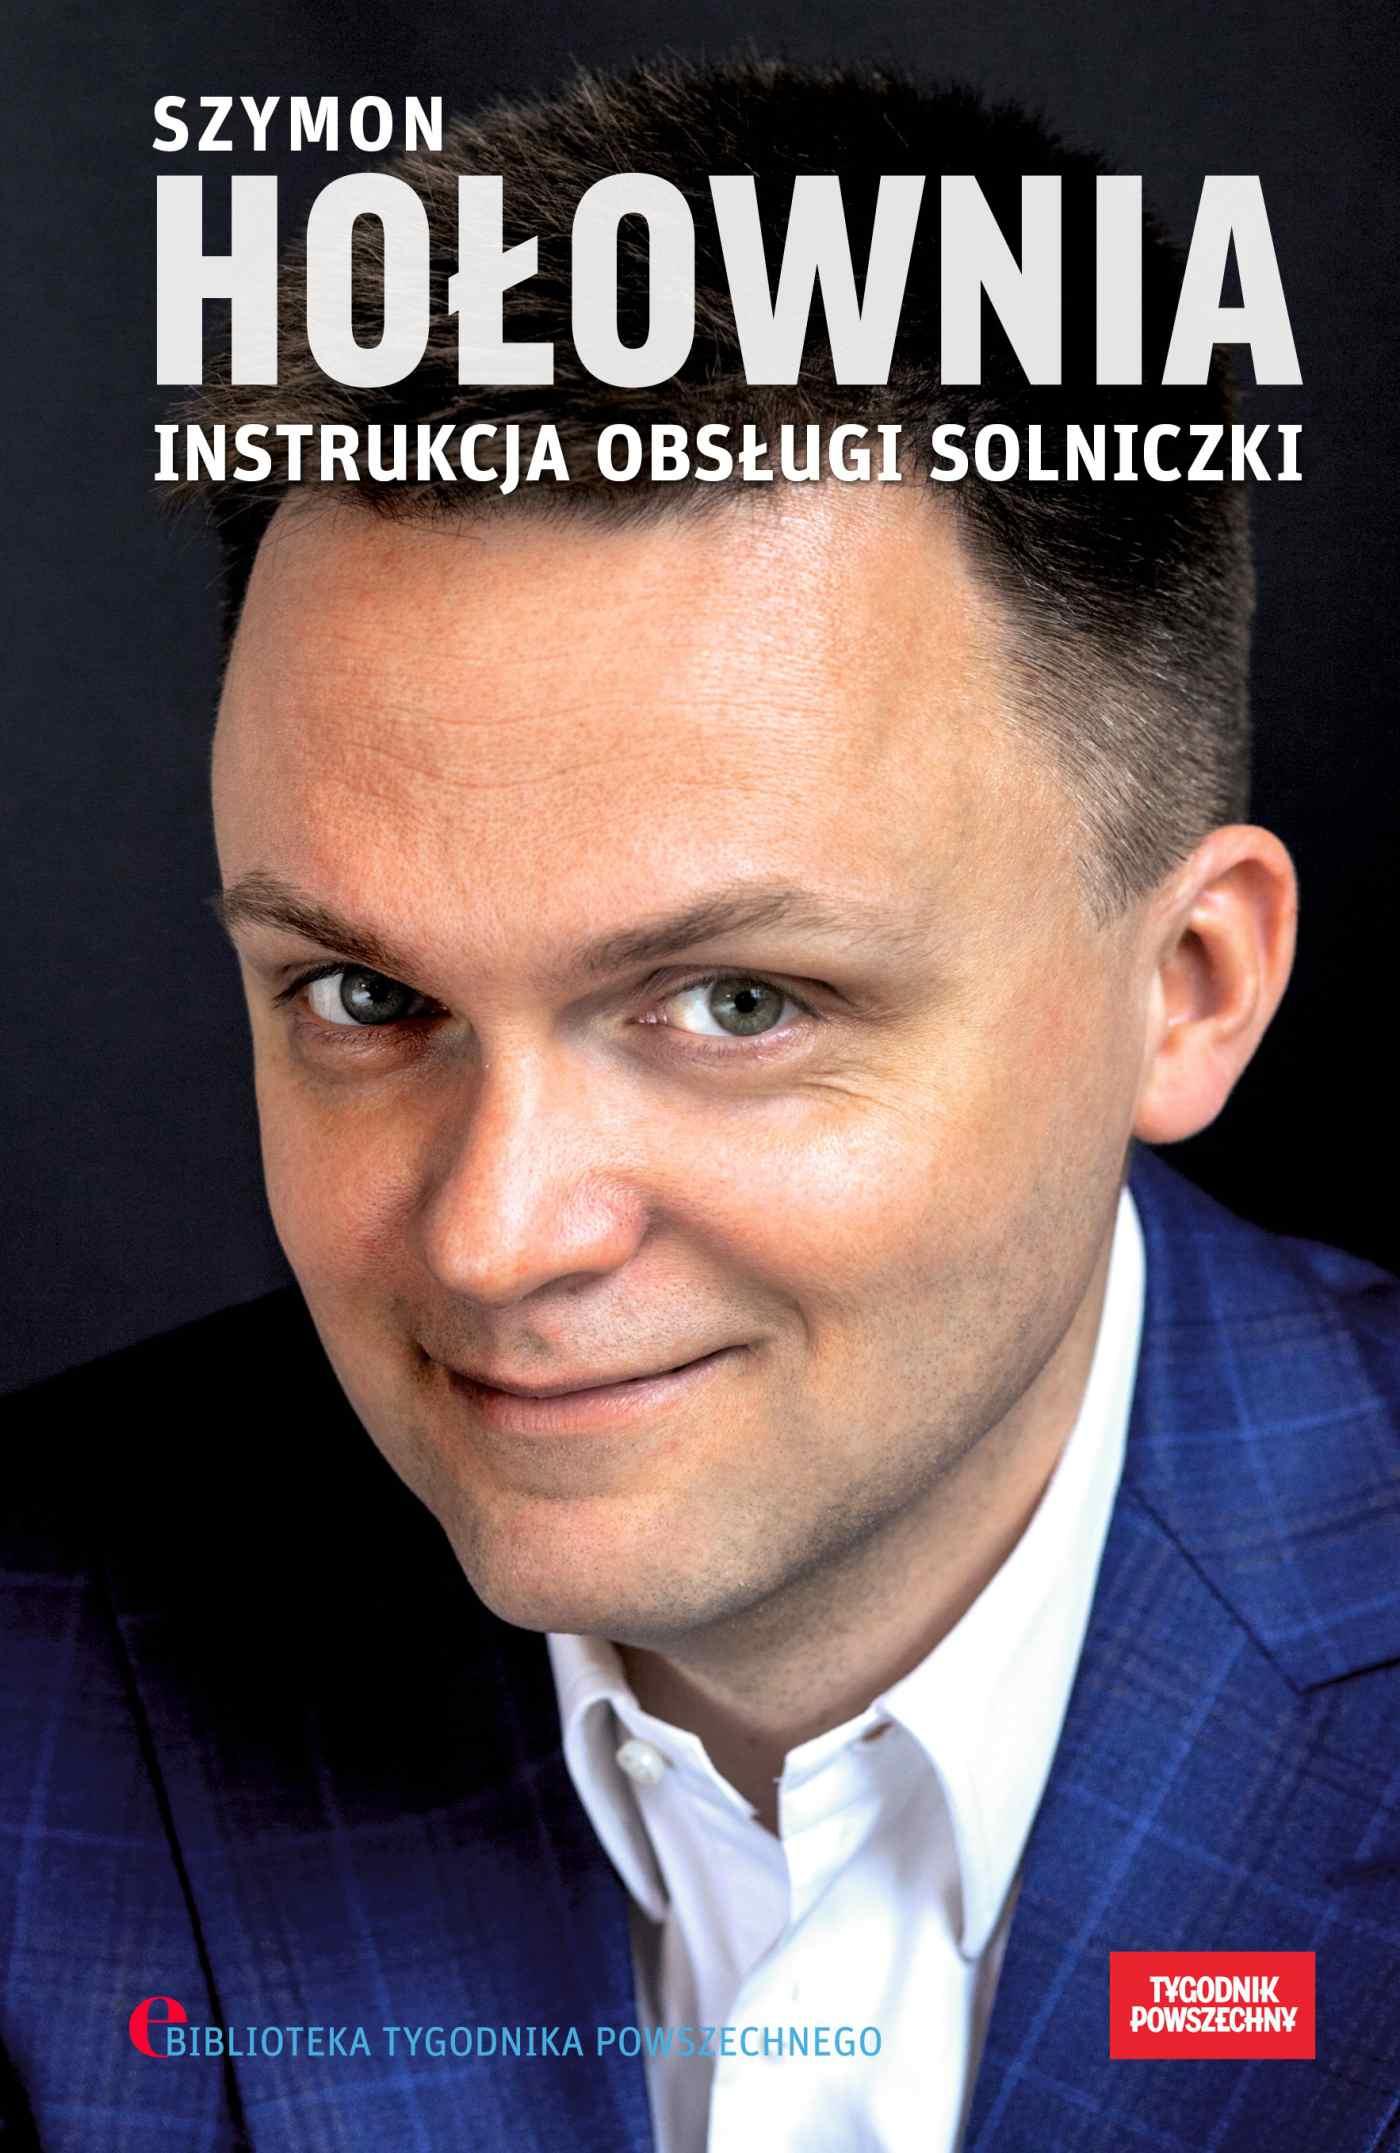 Instrukcja obsługi solniczki - Ebook (Książka EPUB) do pobrania w formacie EPUB